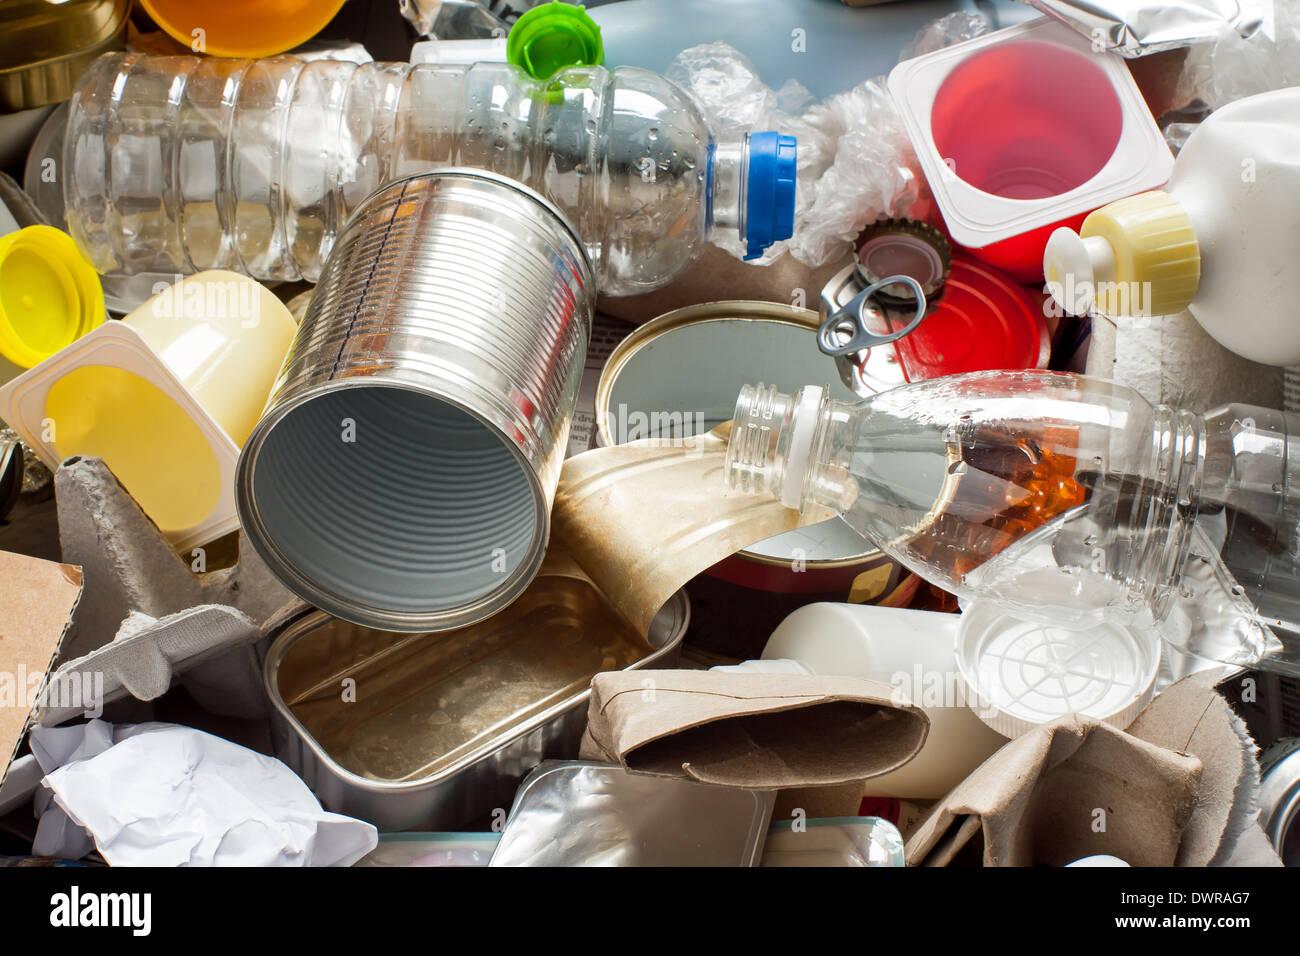 Le recyclage des déchets et la gestion des déchets réutilisables comme le métal, le plastique, le vieux papier produits pour être réutilisés Photo Stock